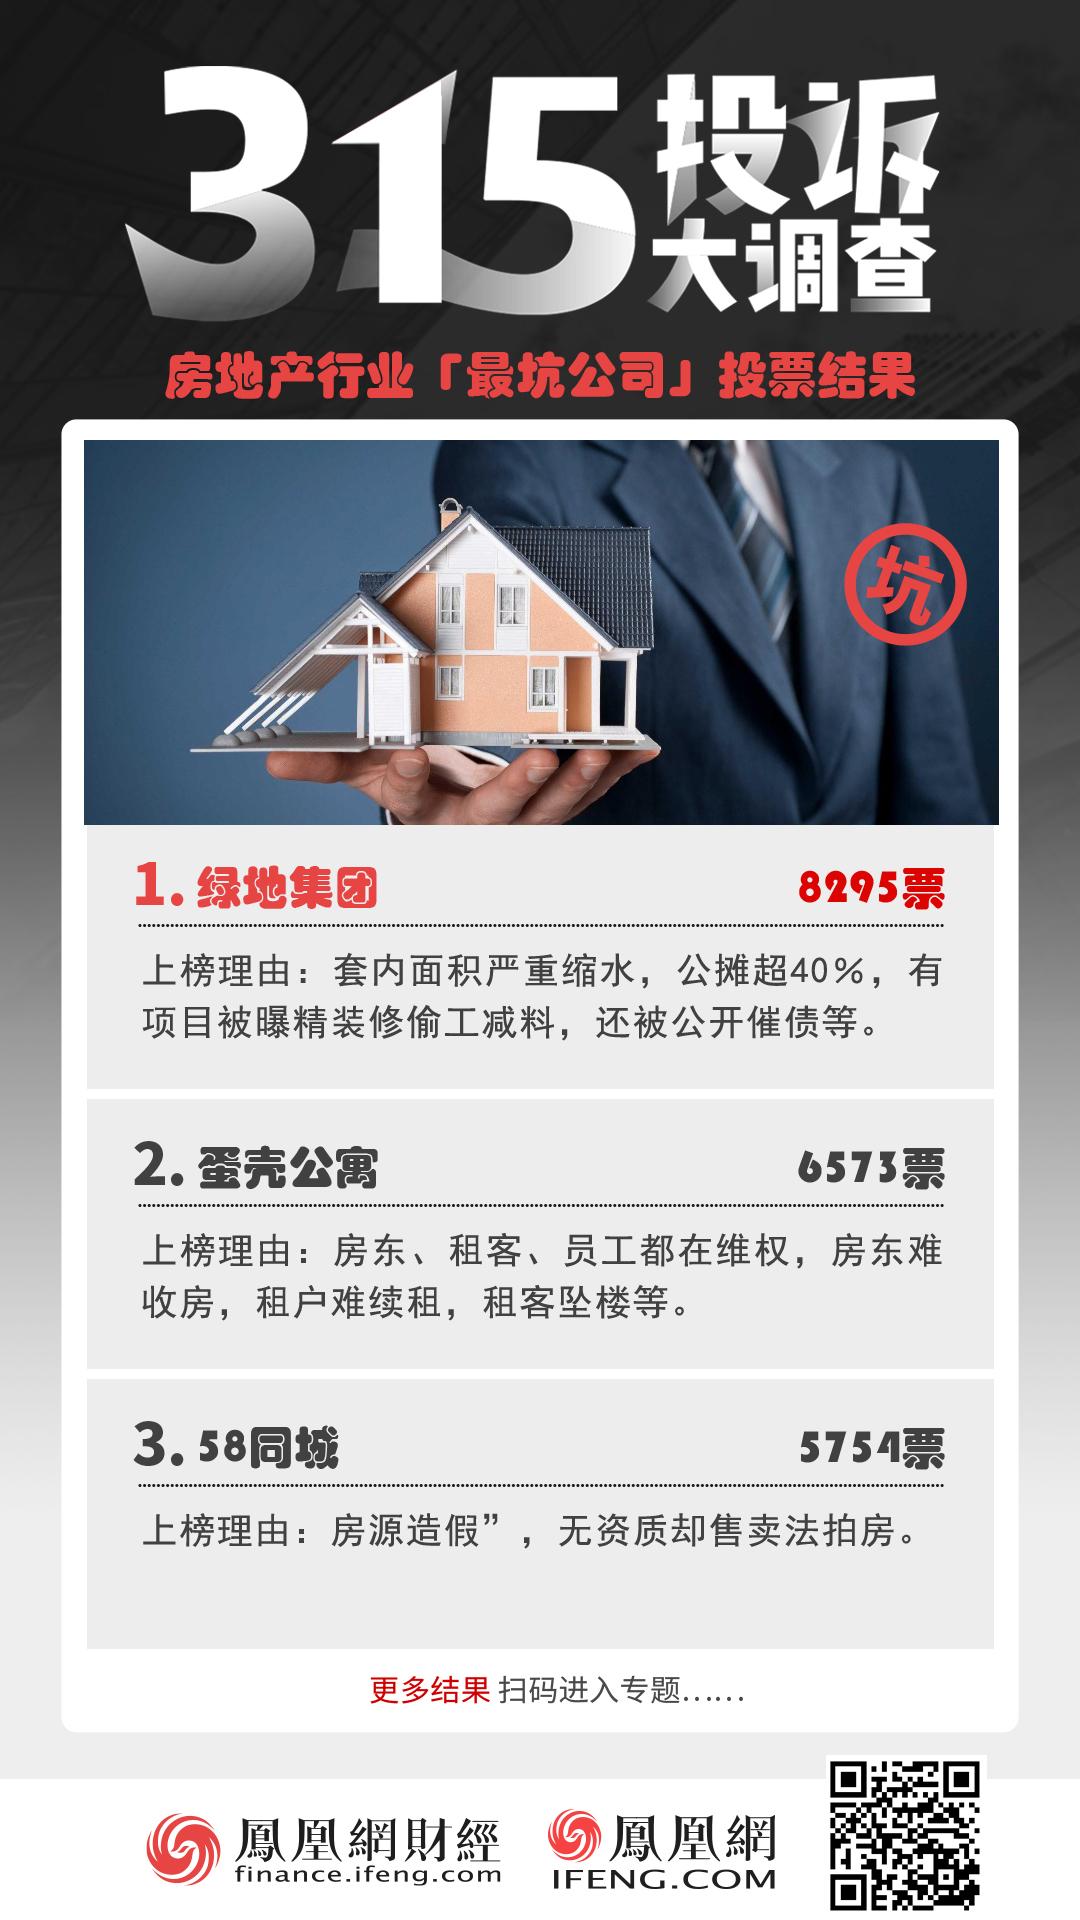 315居住行业调查:绿地集团、蛋壳公寓、安居客、58同城等被投诉最多